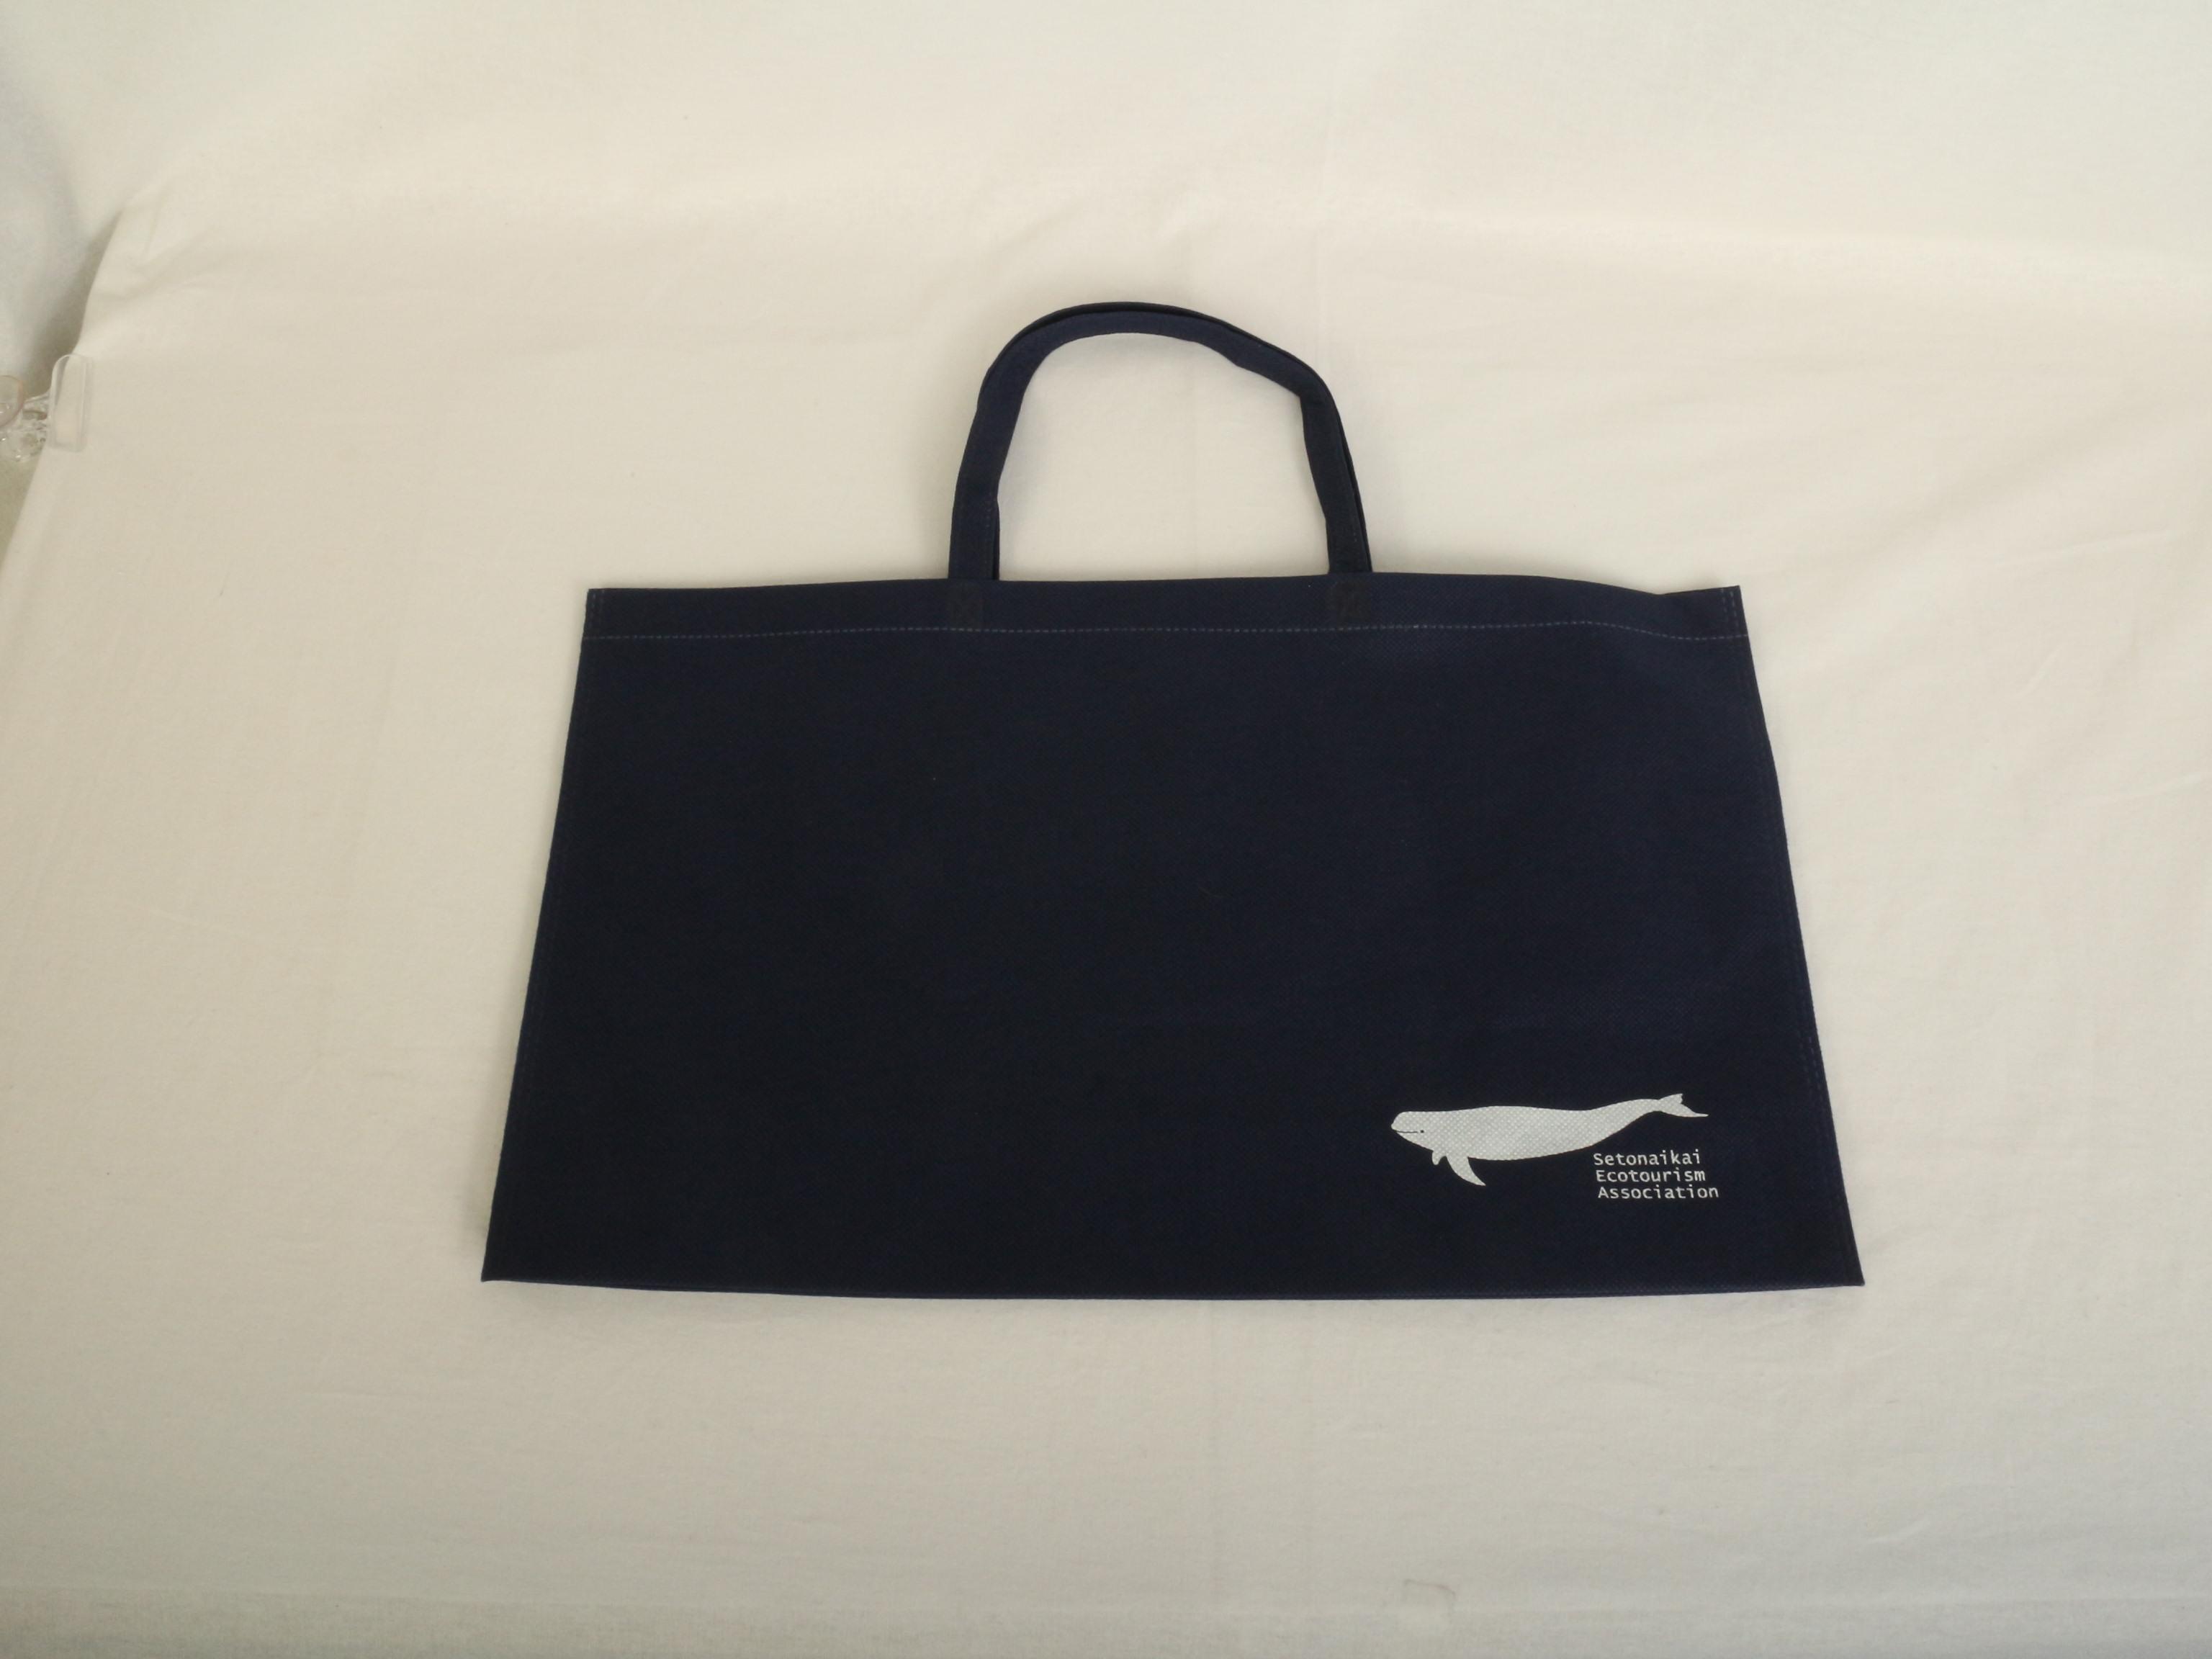 エコツアー企画運営団体様のオリジナル不織布バッグ